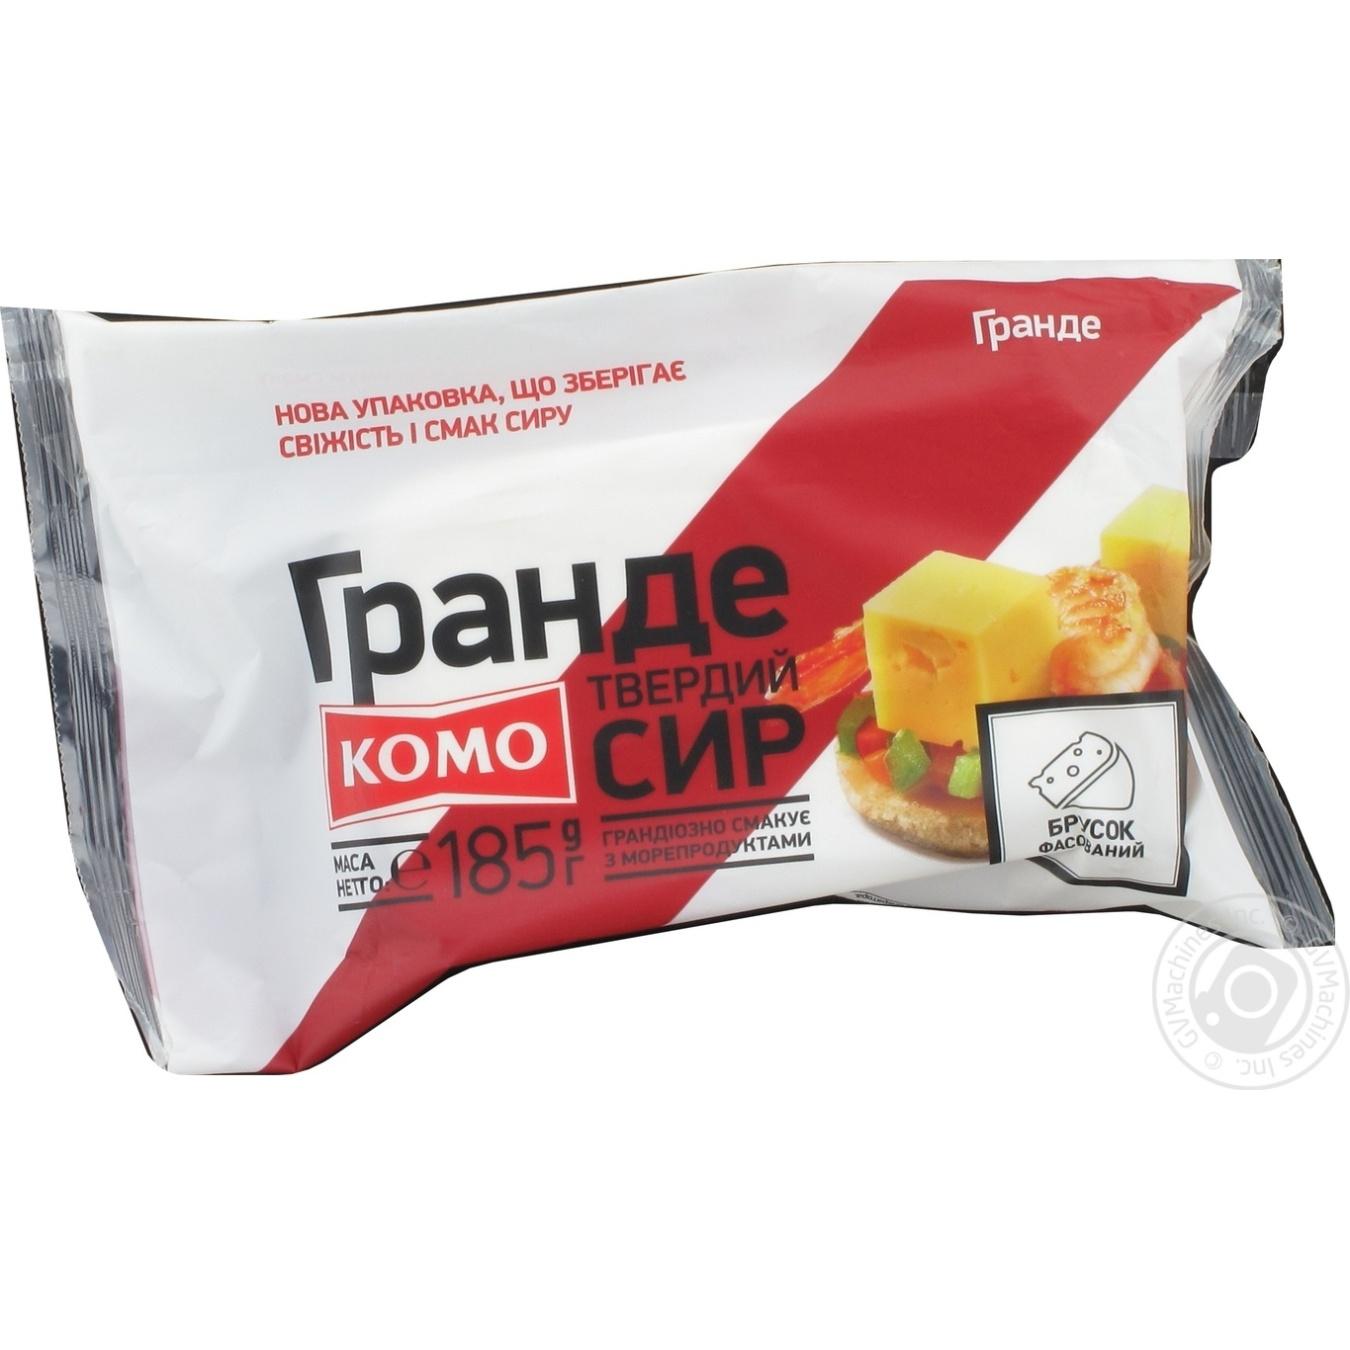 Сыр Комо Гранде твердый брусок 50% 185г